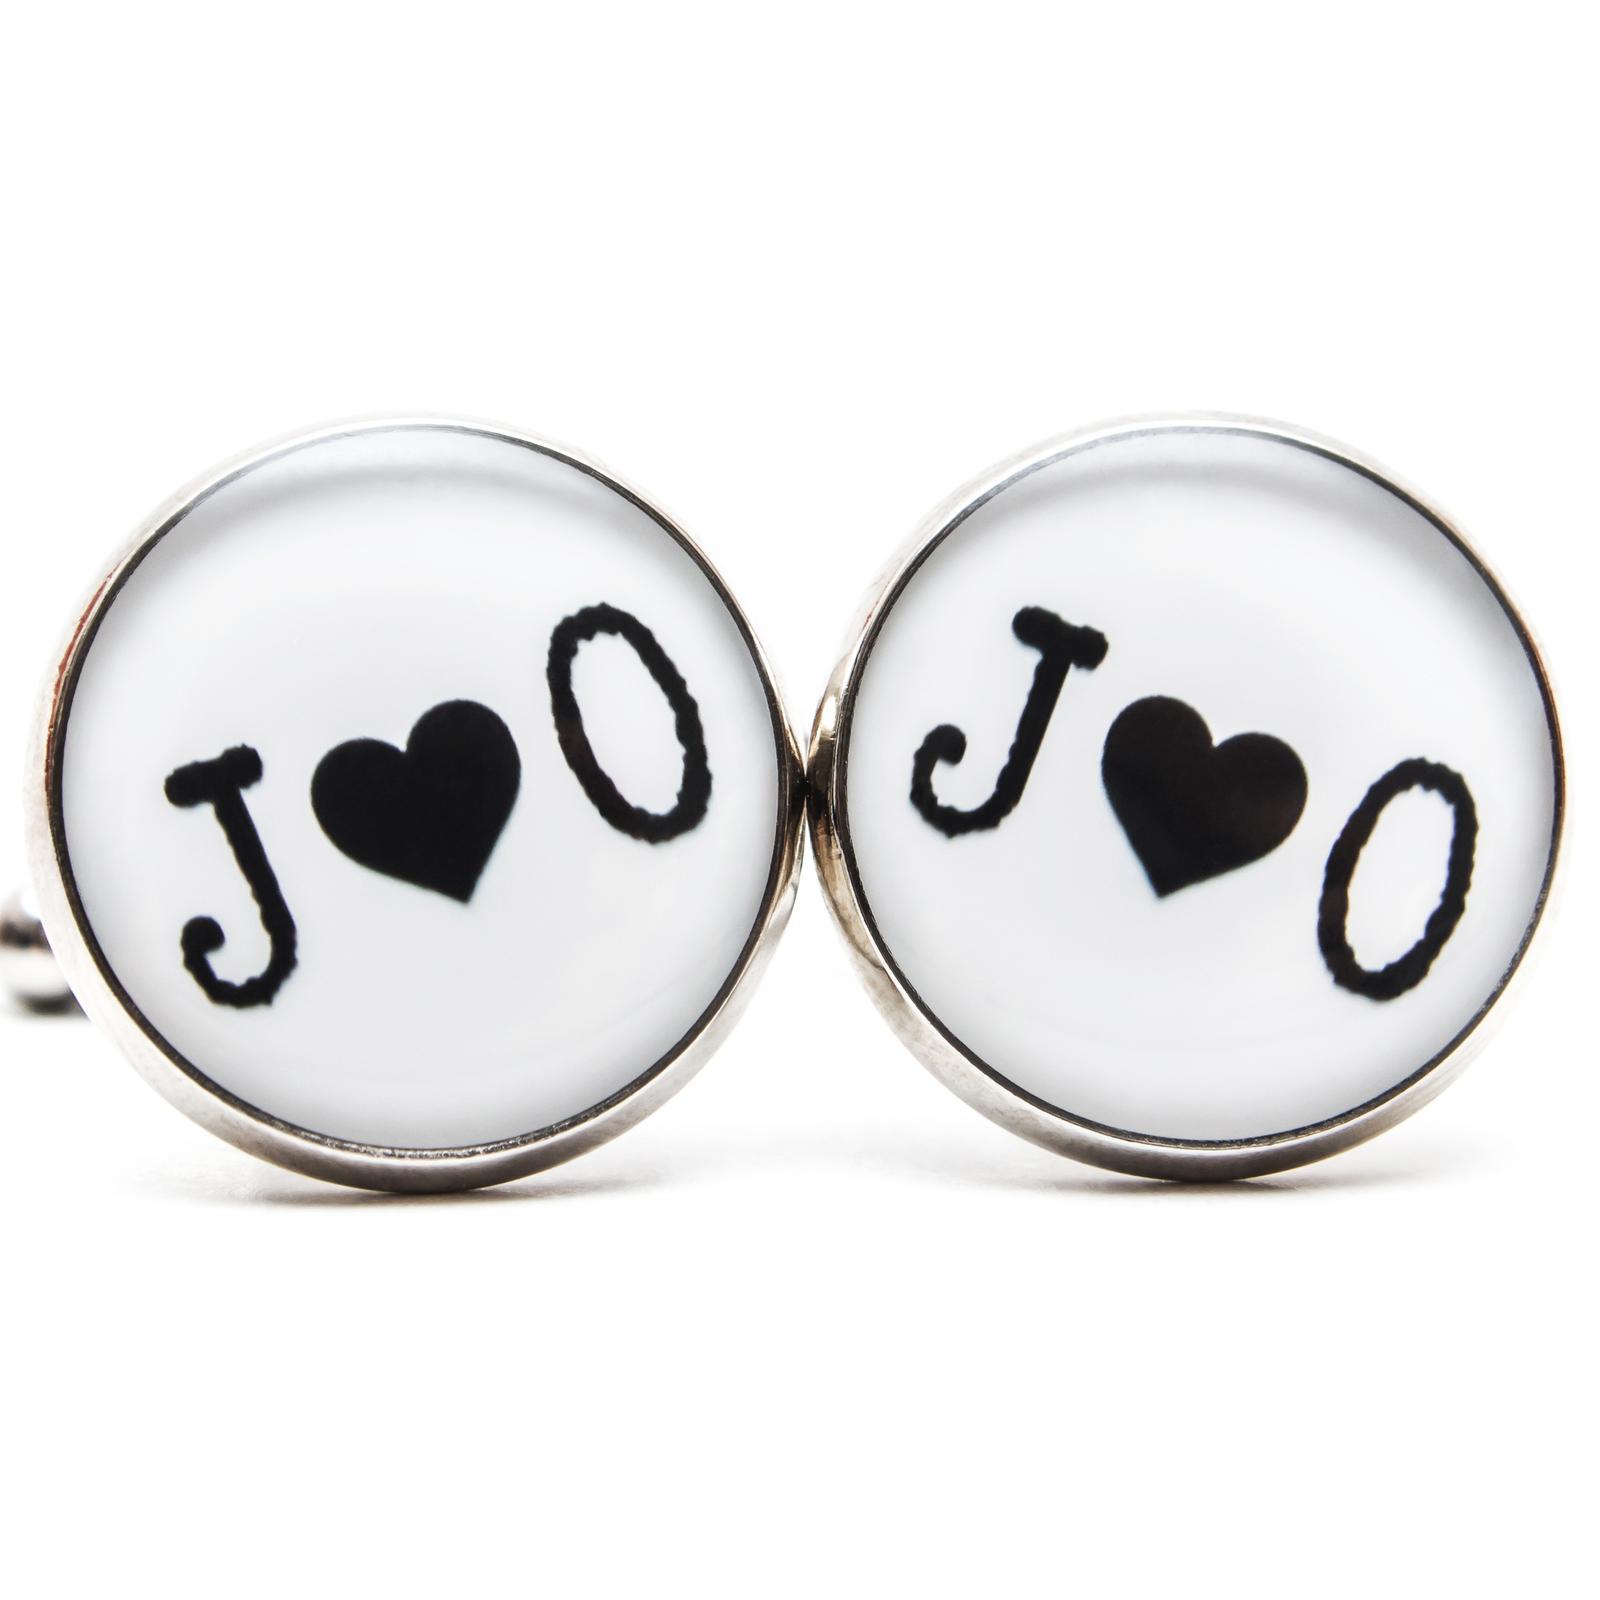 ♥  Manžetové gombíky na mieru - presne podľa Tvojich predstáv ♥ - Manžetky s iniciálmi a srdiečkom